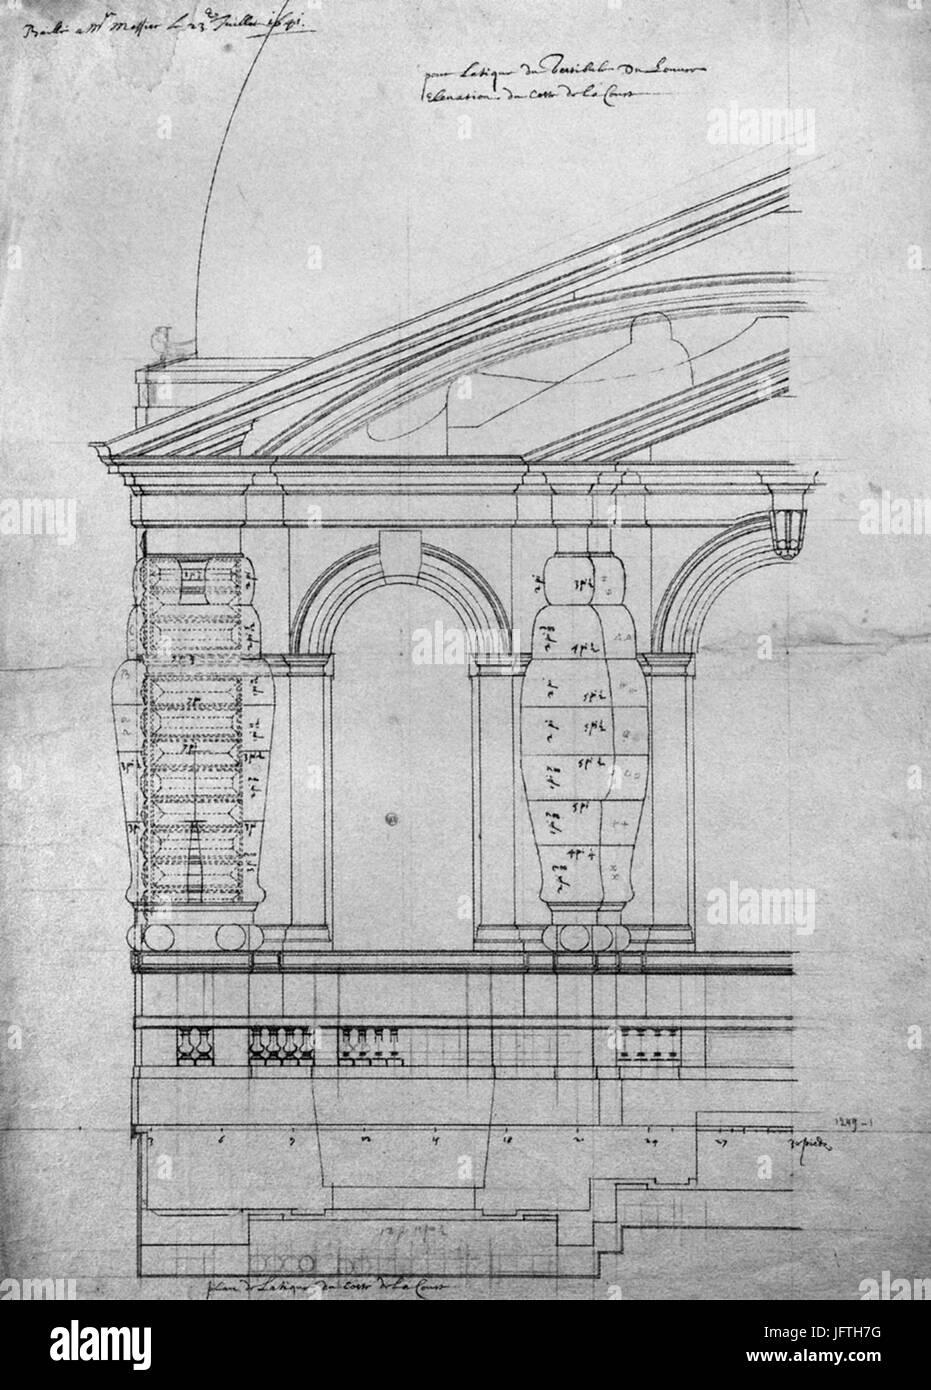 Elevation De L Etage D Attique Du Pavillon Neuf Du Louvre Dessin De